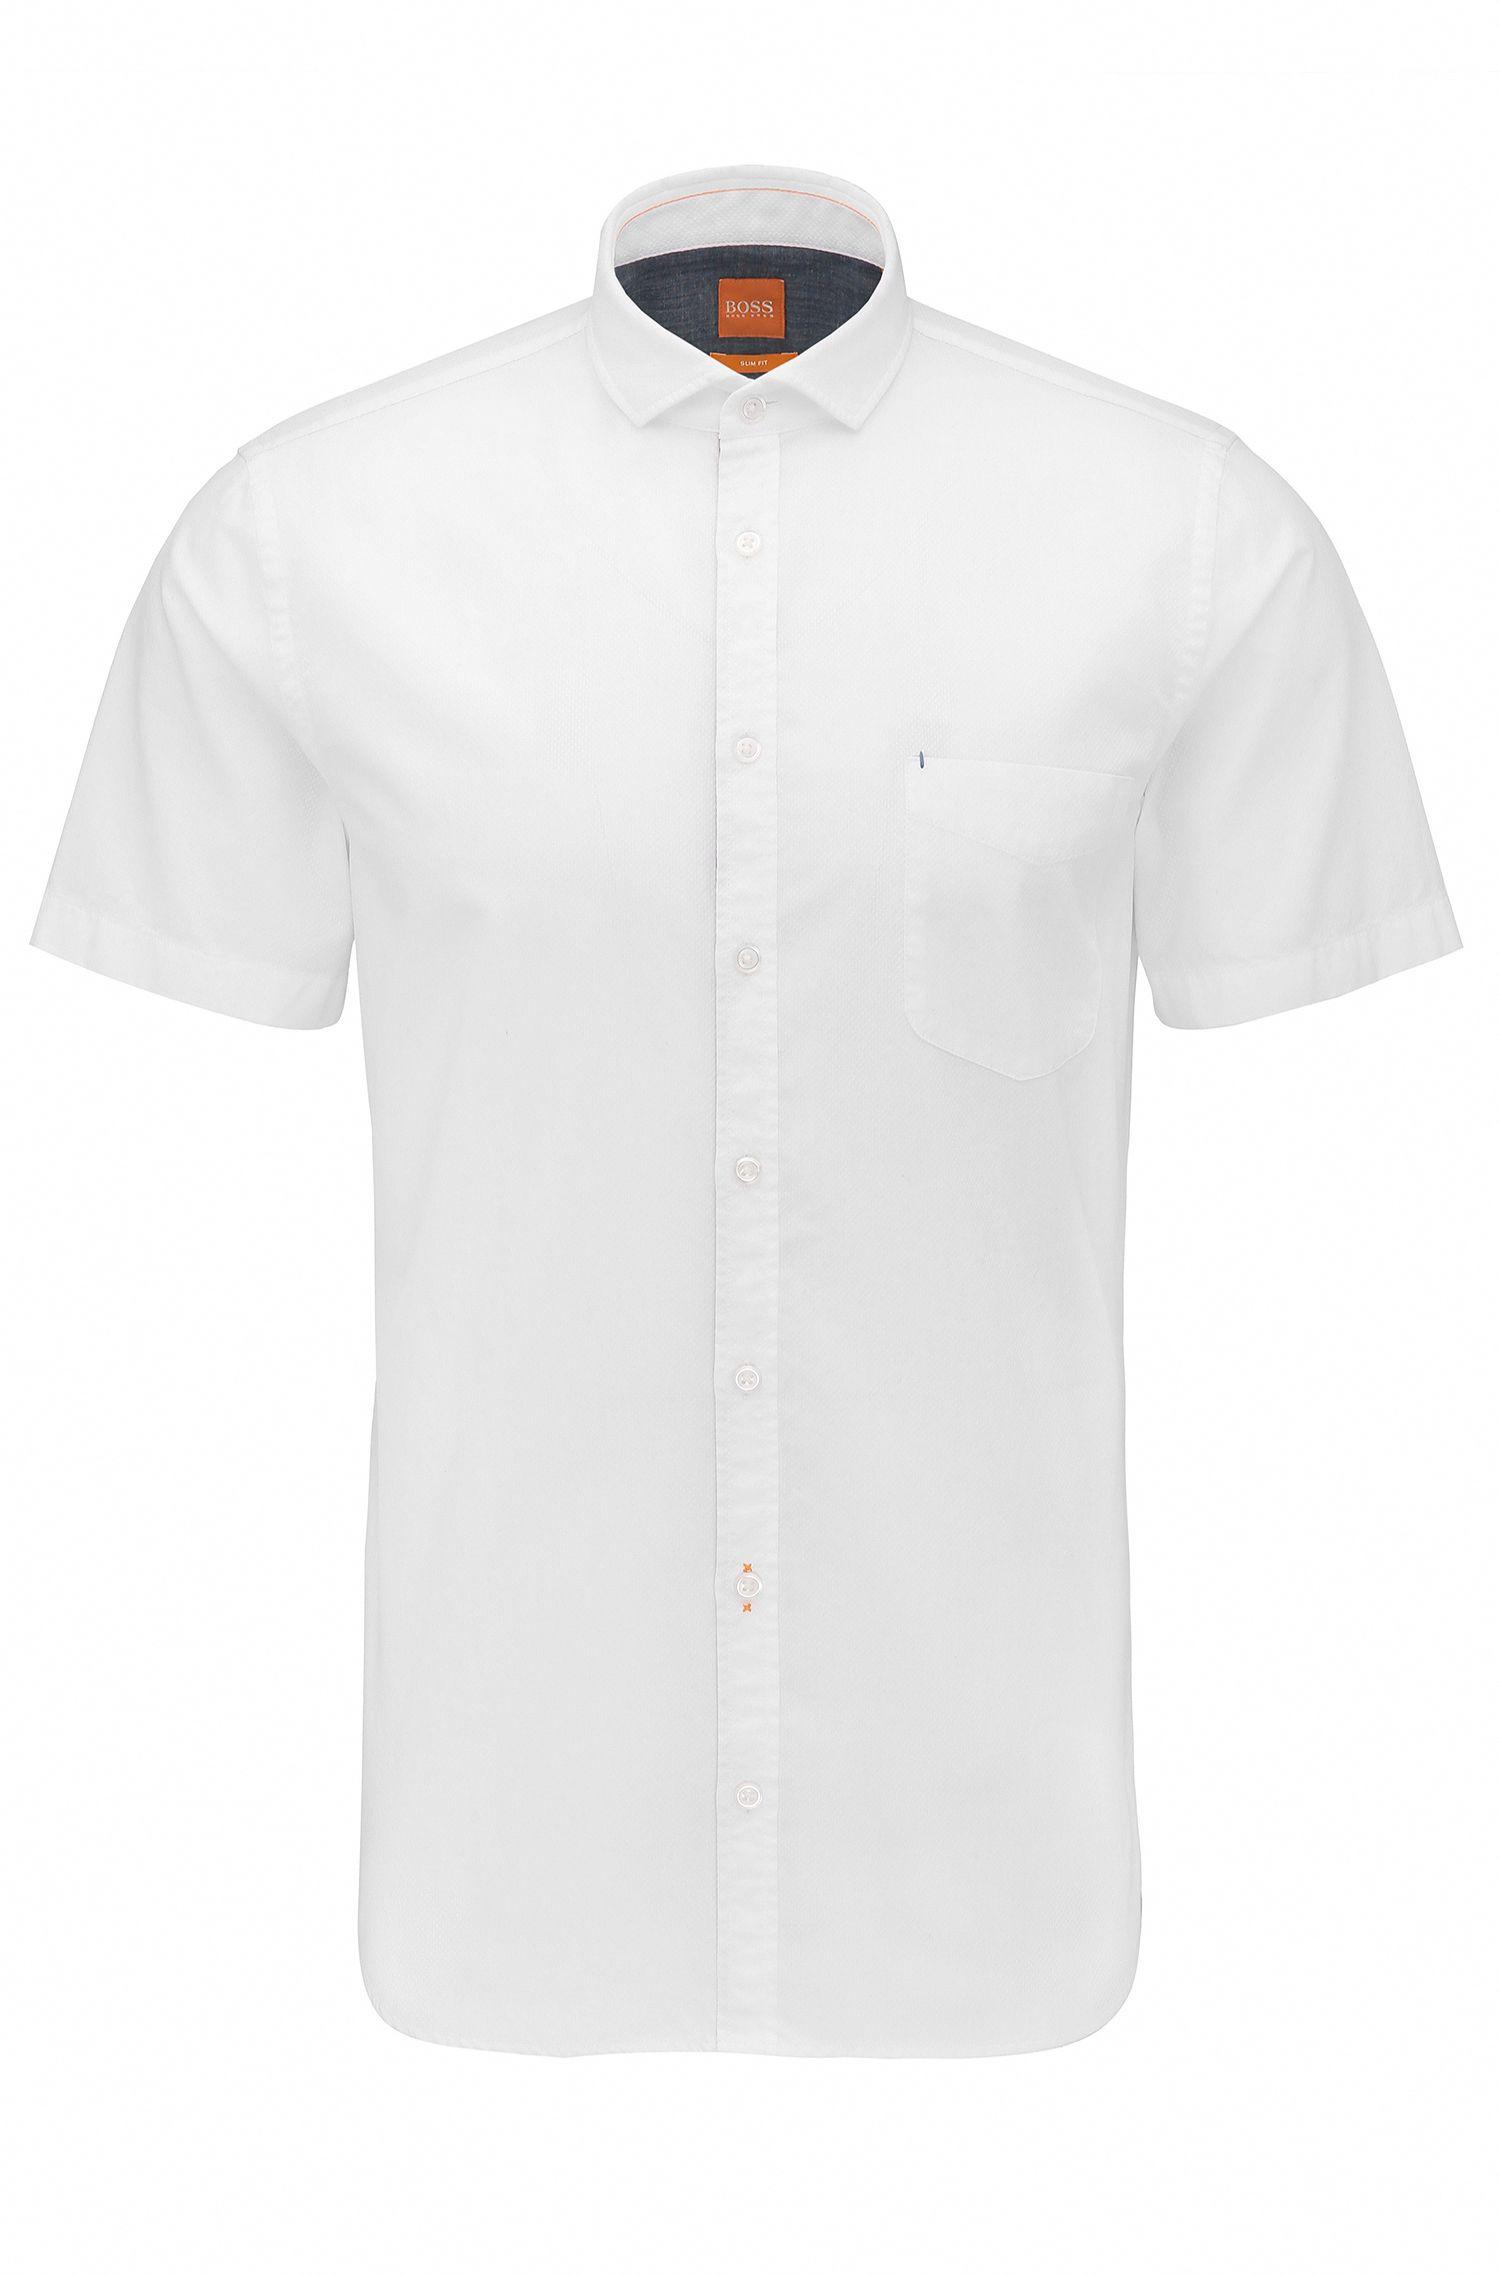 'Cattitude Short' | Slim Fit, Check Weave Cotton Button Down Shirt